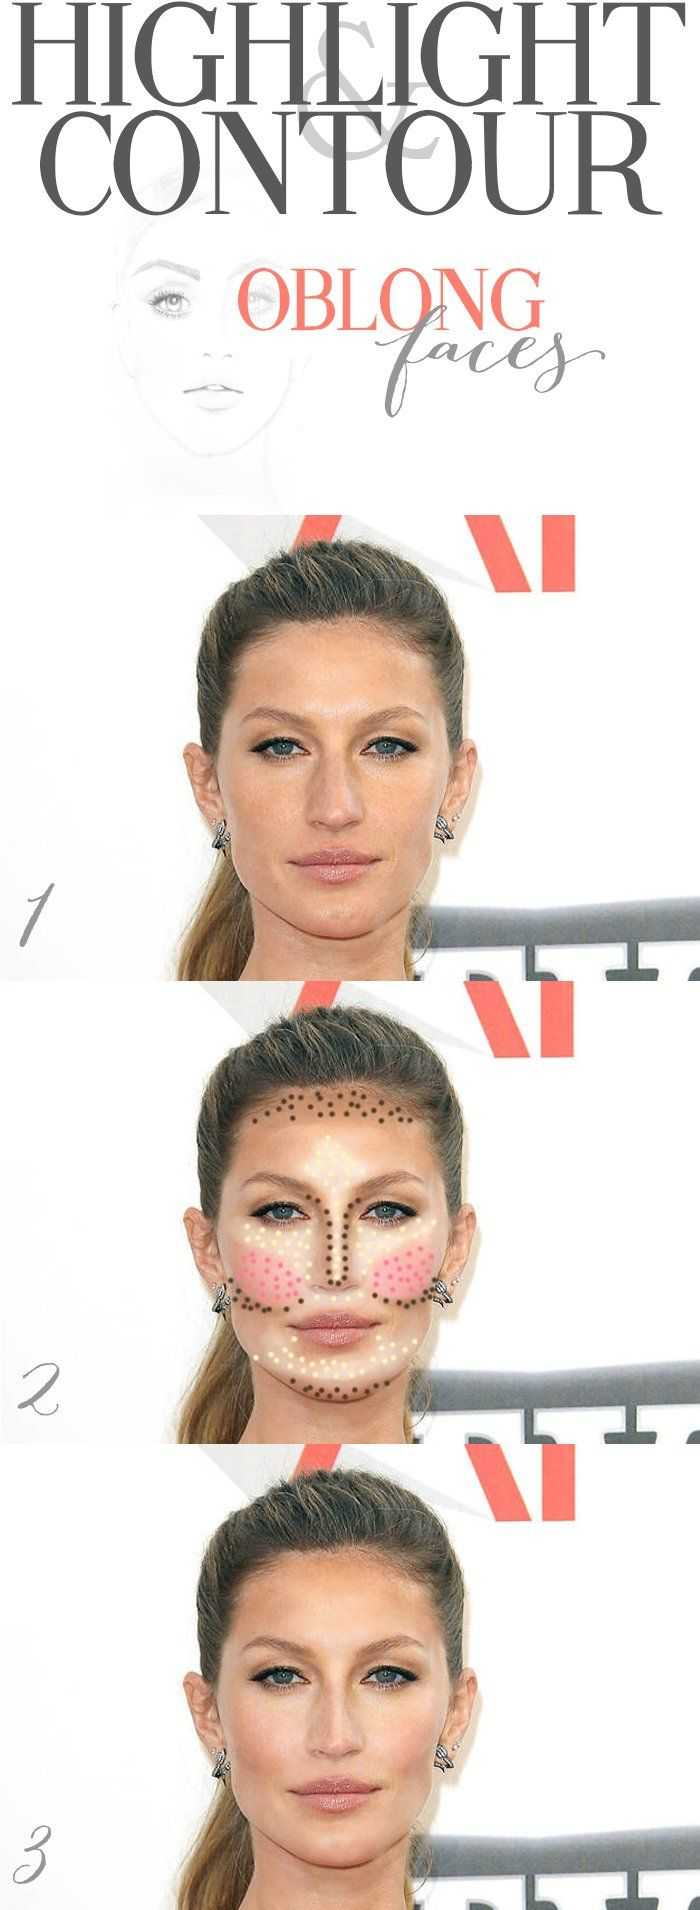 Highlight & Contour Oblong Faces